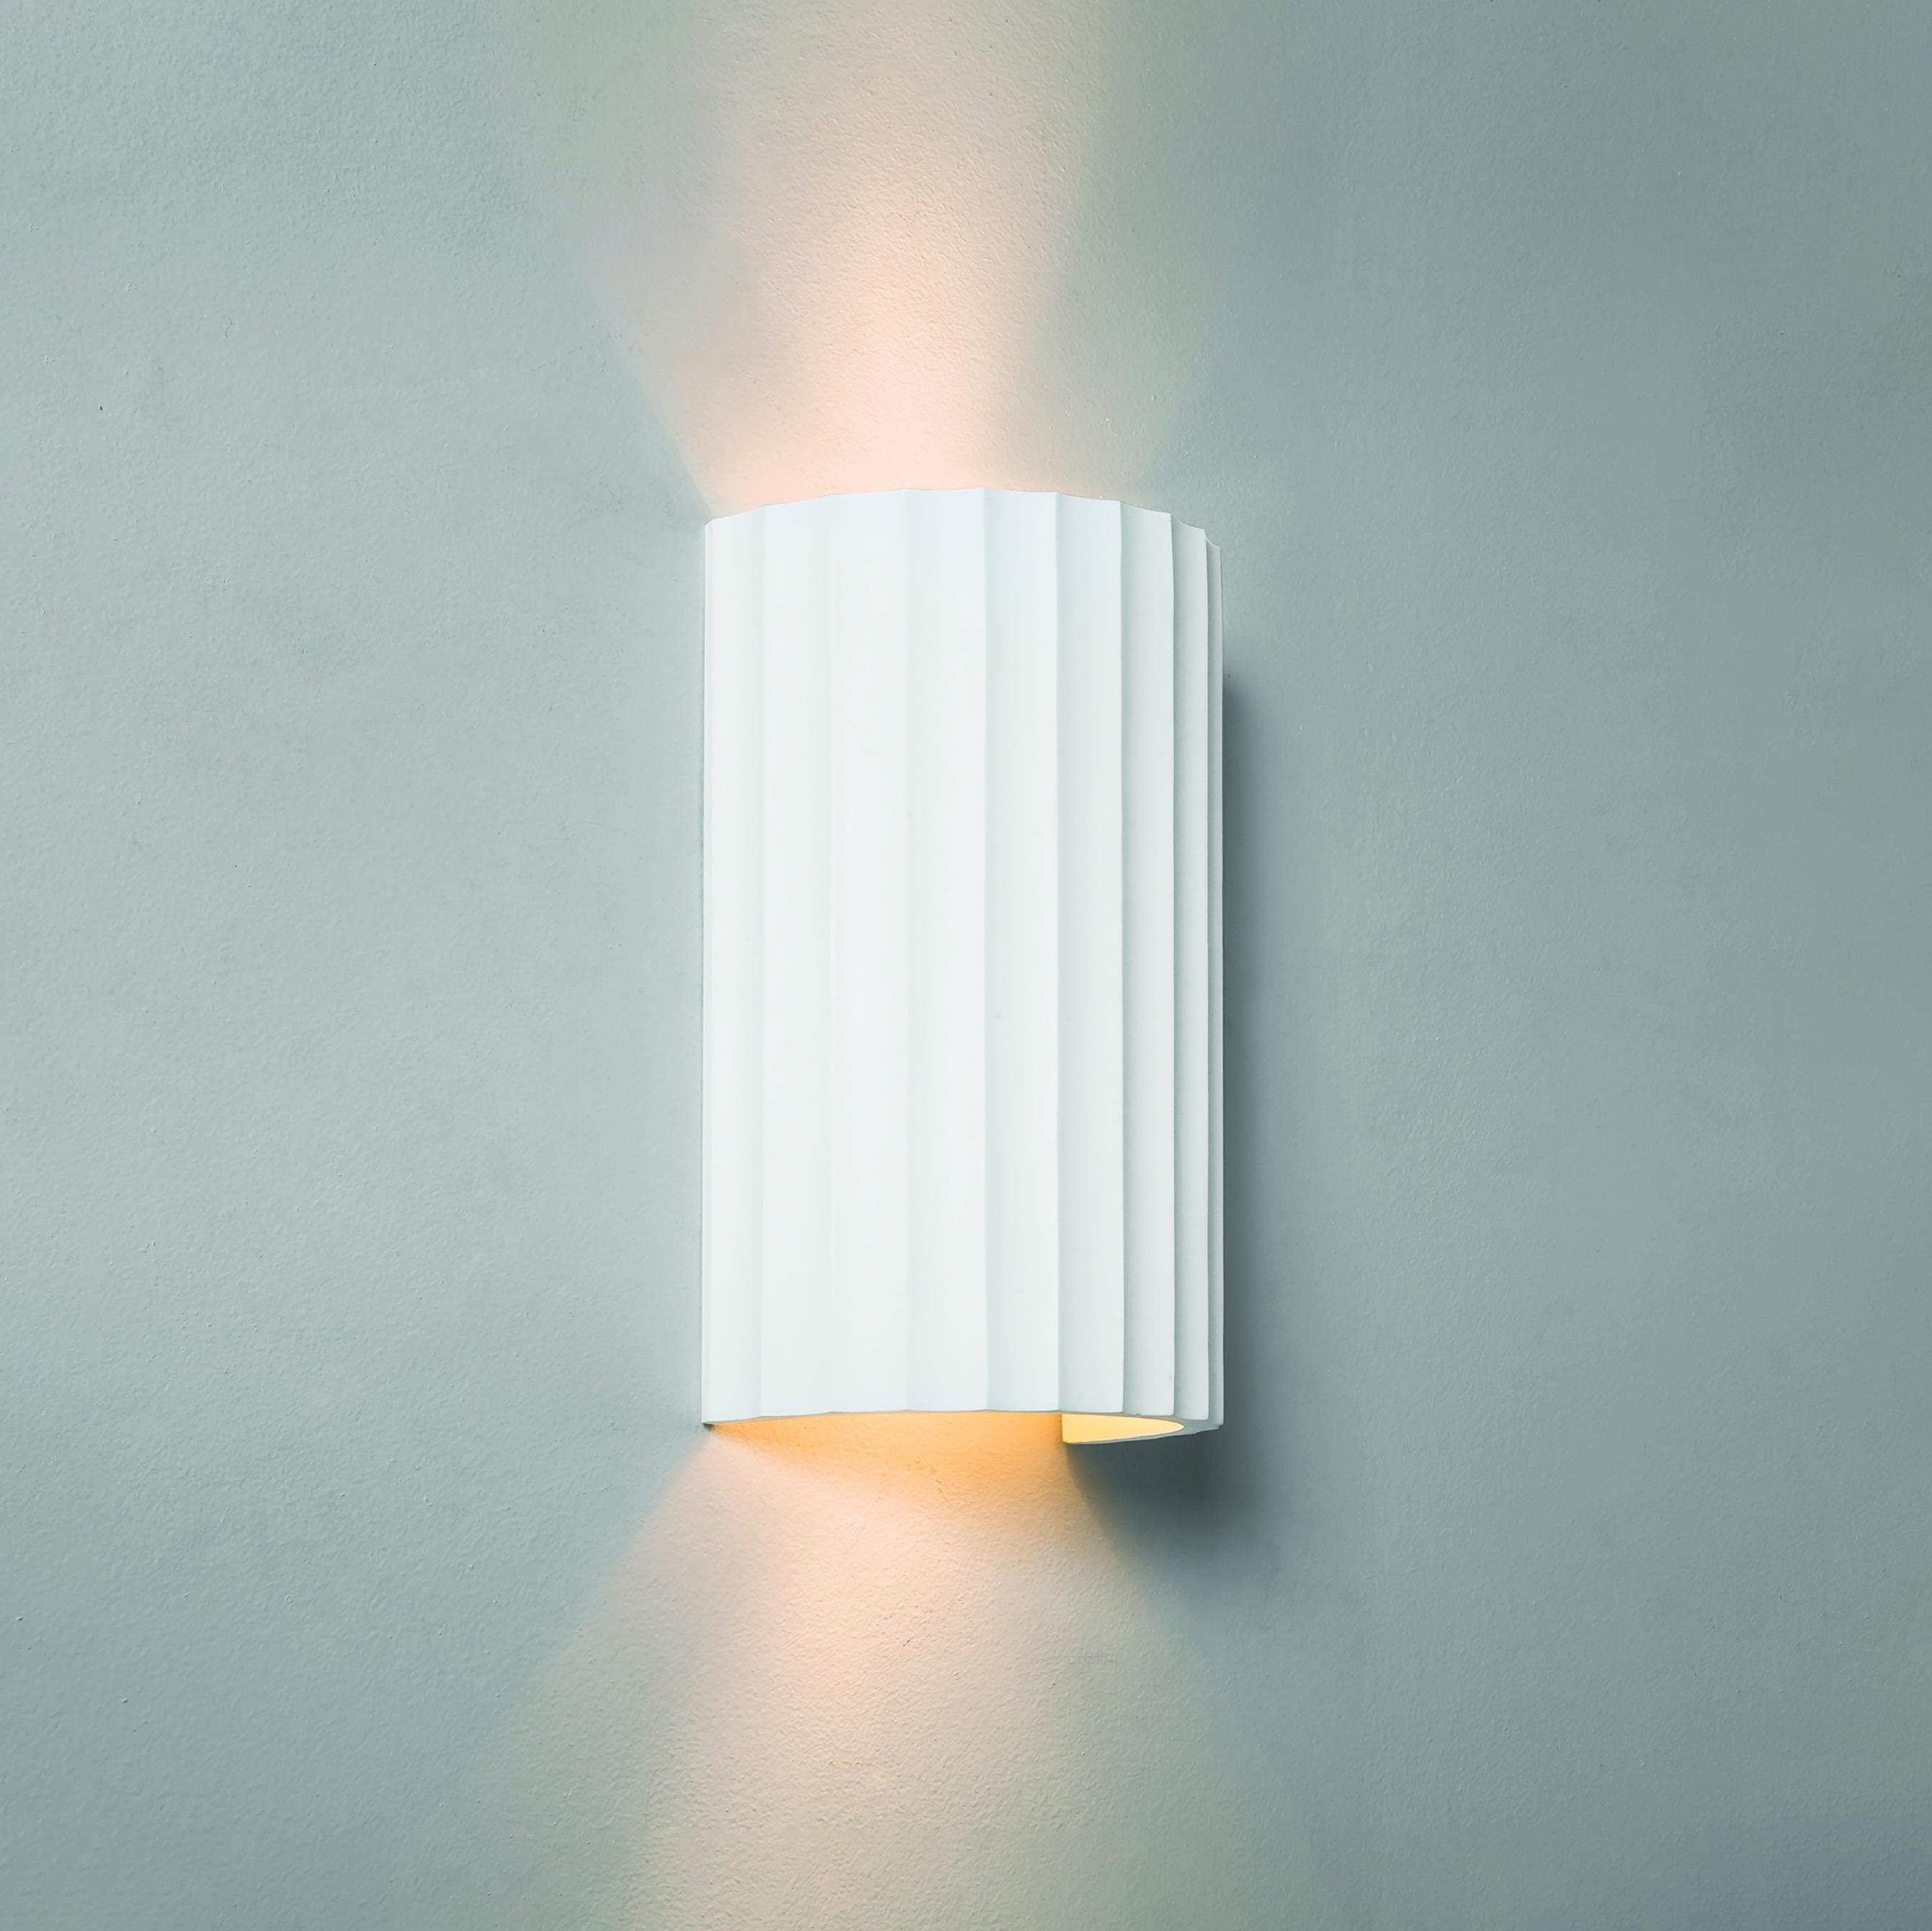 Настенный светильник Astro Kymi 1335001 (7256), 2xGU10x50W, белый, под покраску, гипс - фото 1